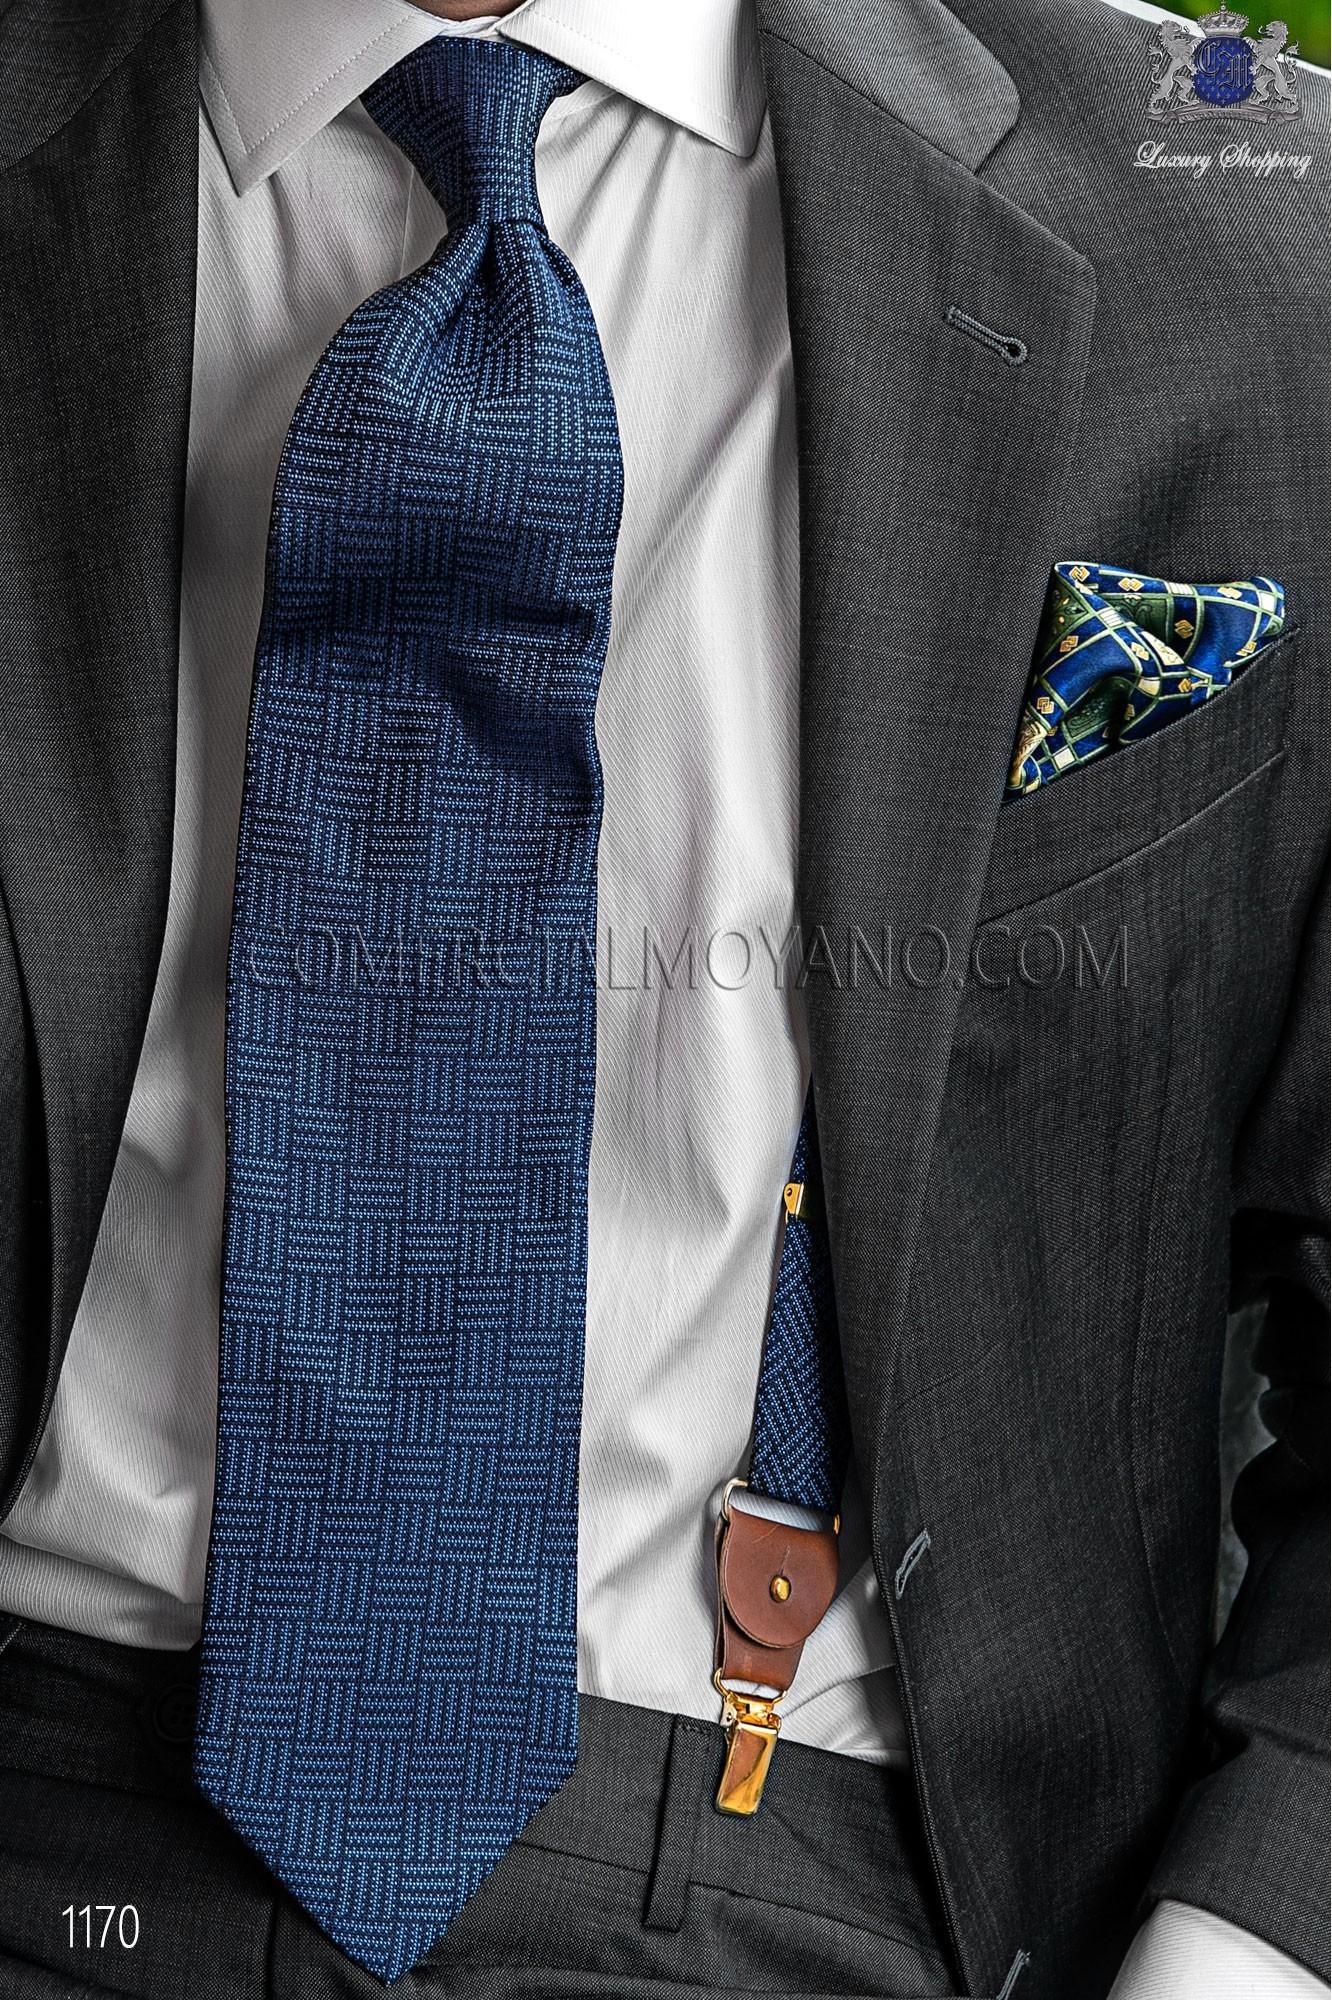 Traje Gentleman de novio gris modelo: 1170 Ottavio Nuccio Gala colección Gentleman